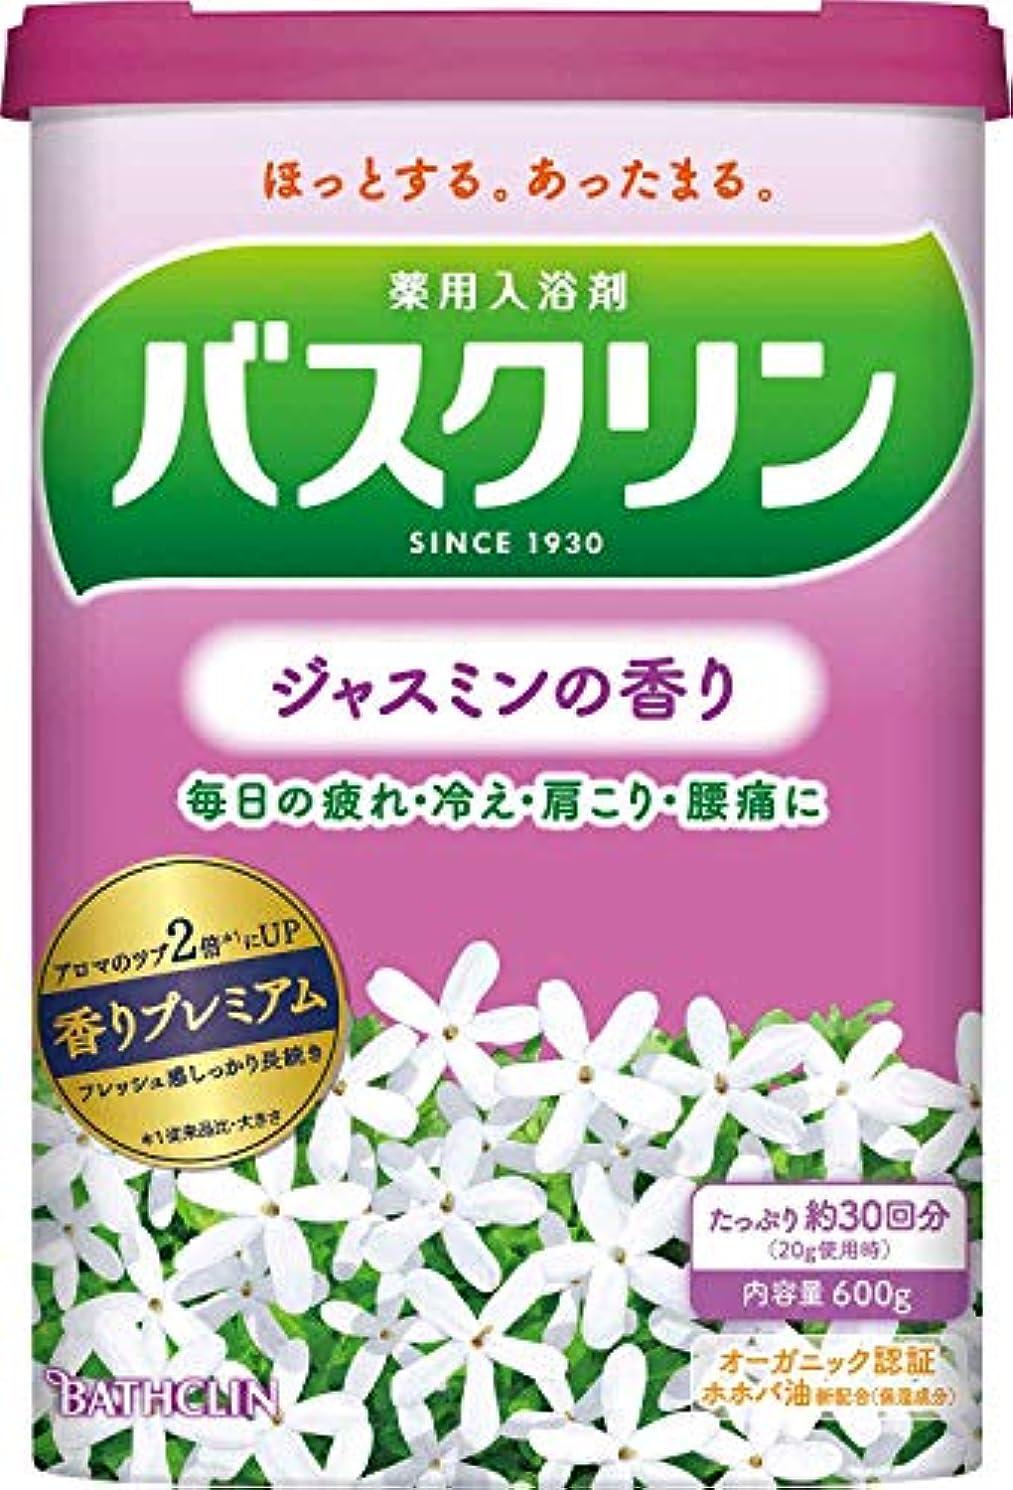 文言牧師崇拝します【医薬部外品】バスクリン入浴剤 ジャスミンの香り600g(約30回分) 疲労回復